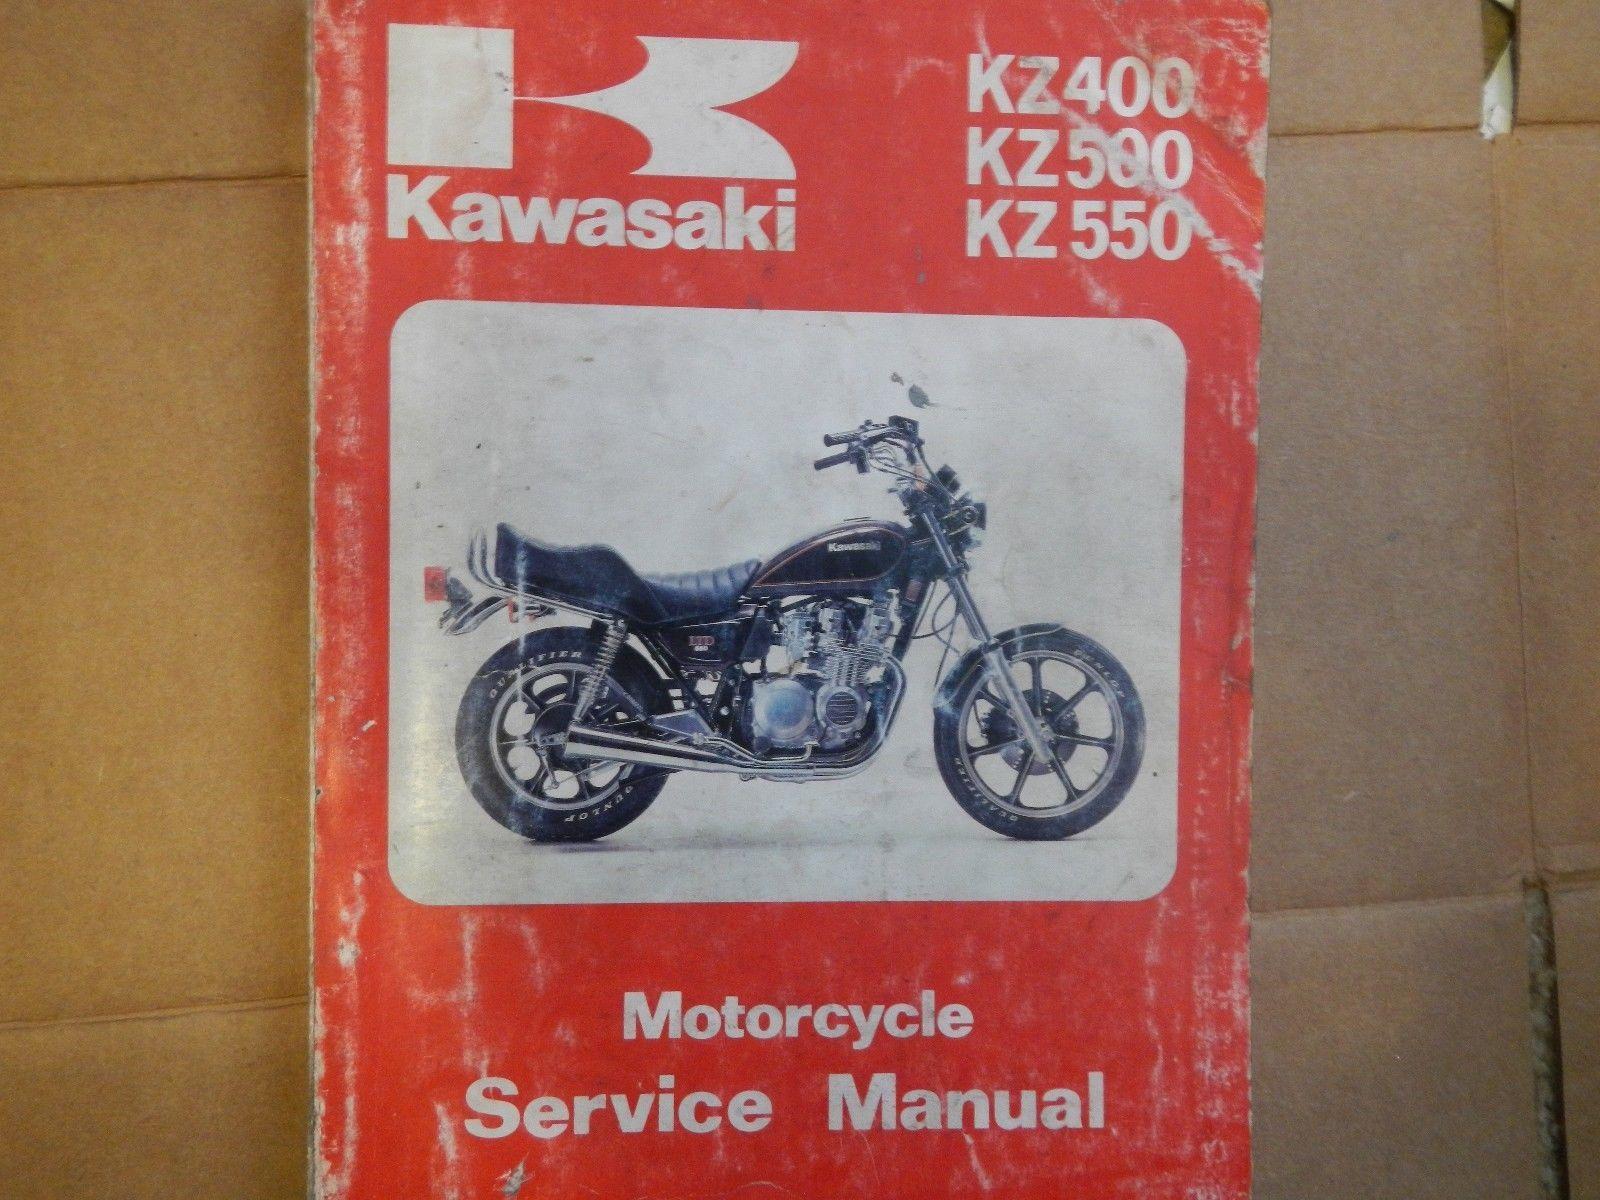 1979 79 1980 80 1981 81 kawasaki kz400 kz500 and 50 similar items rh bonanza com 1980 Kawasaki 550 LTD 1980 Kawasaki S3